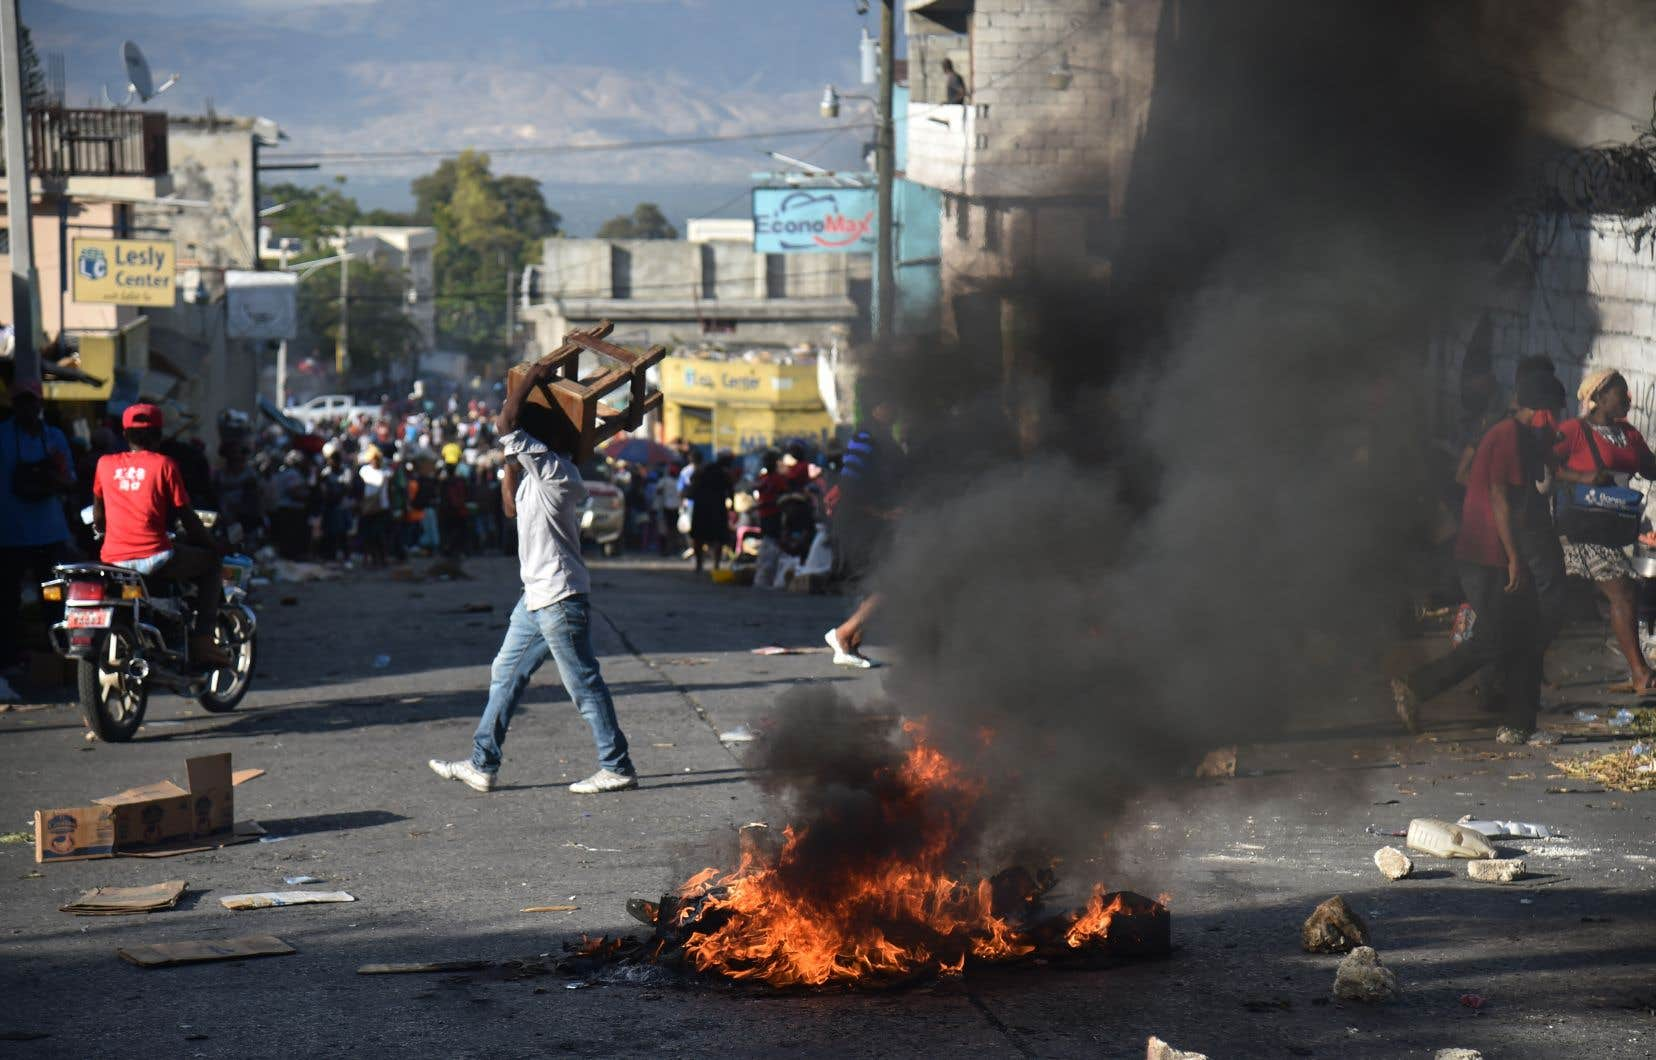 Les principaux axes de l'aire métropolitaine de Port-au-Prince ont été progressivement bloqués par des barricades de pneus enflammés et de pierres.